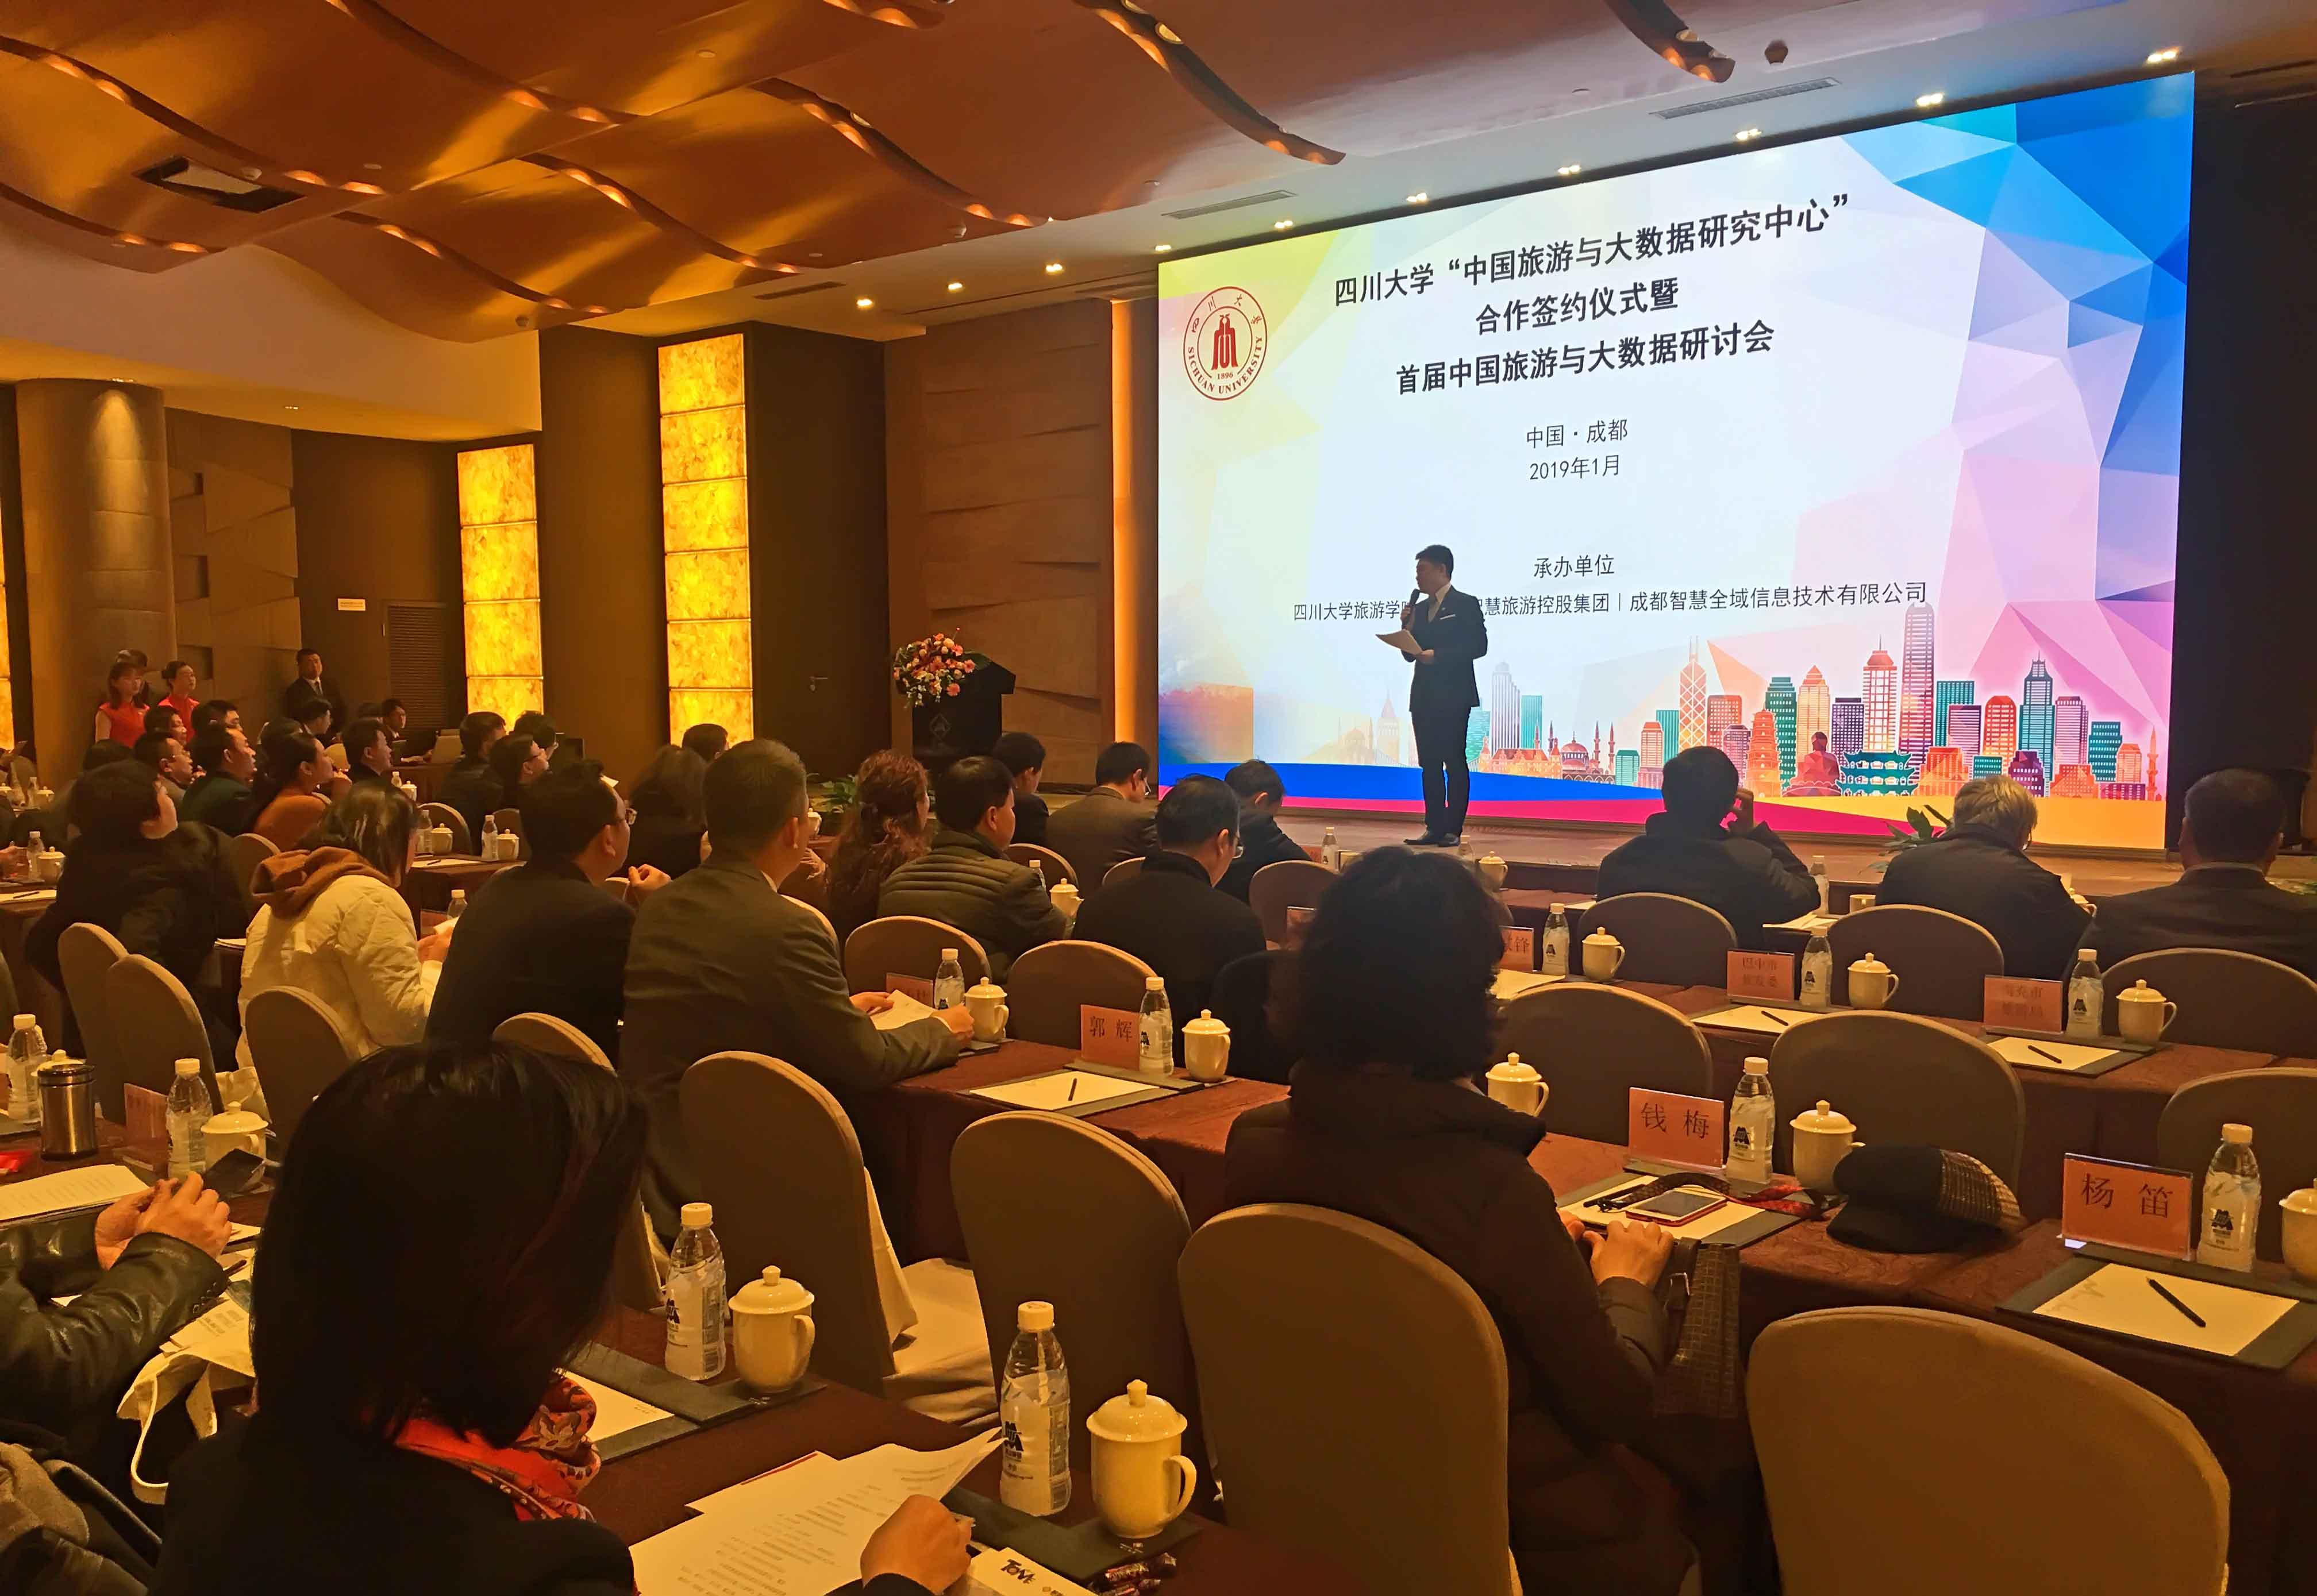 """四川大学""""中国旅游与大数据研究中心""""在蓉成立,大数据全面助力四川全域智慧旅游发展"""